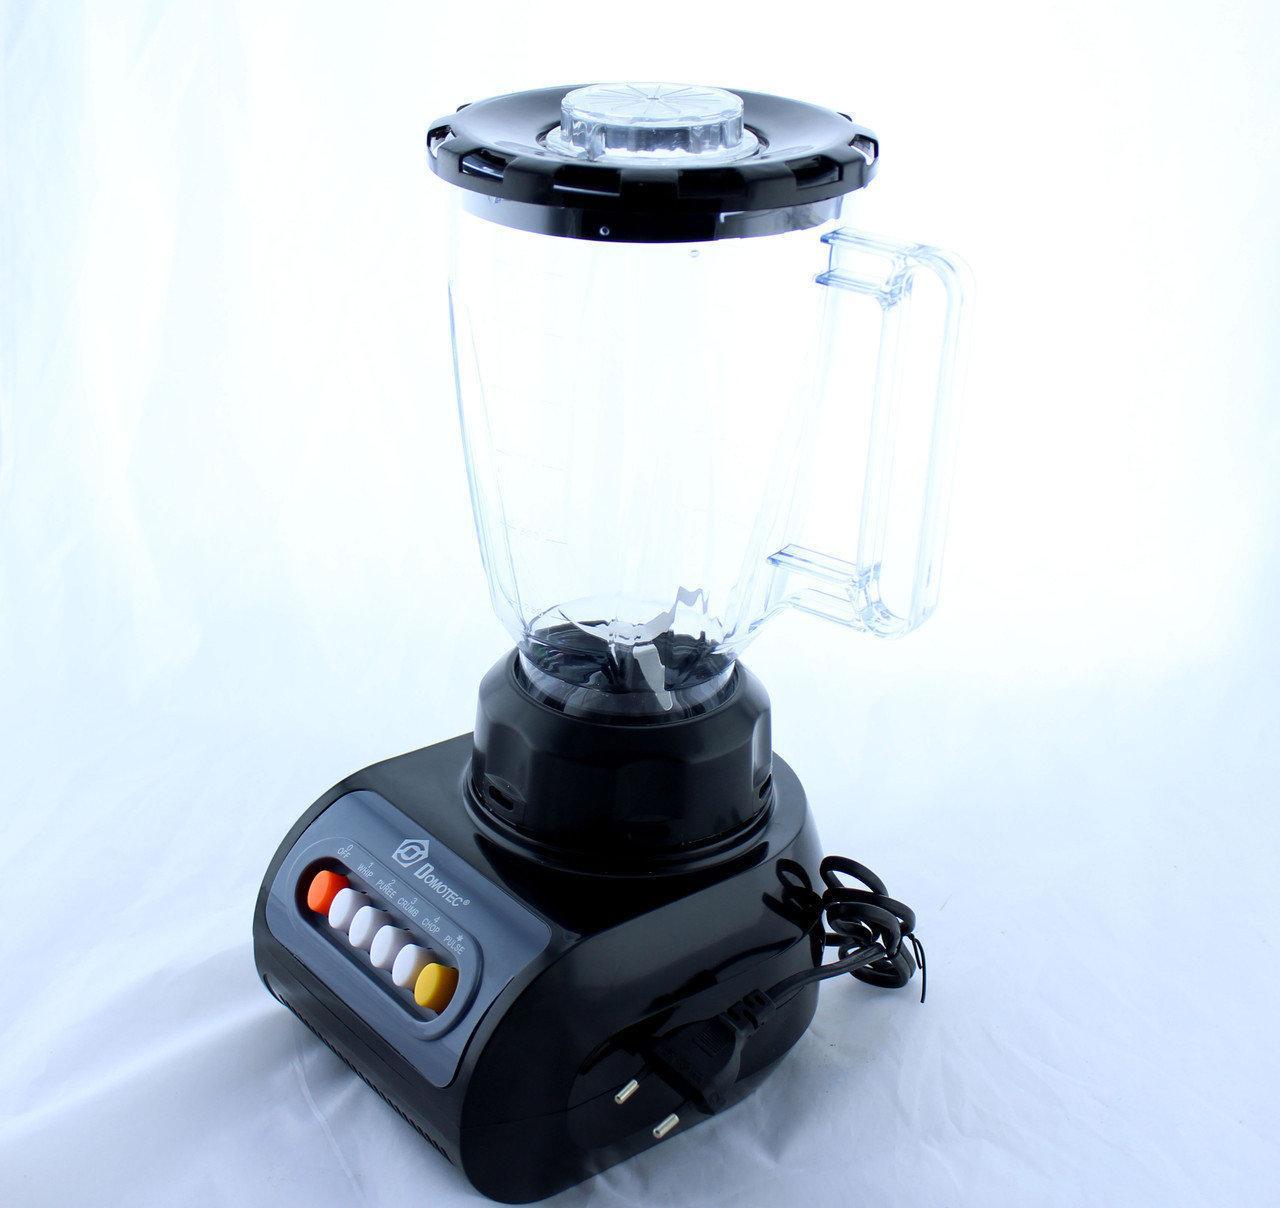 Блендер DOMOTEC MS 9099 | Кухонный измельчитель | Шейкер | Пищевой экстрактор Домотек